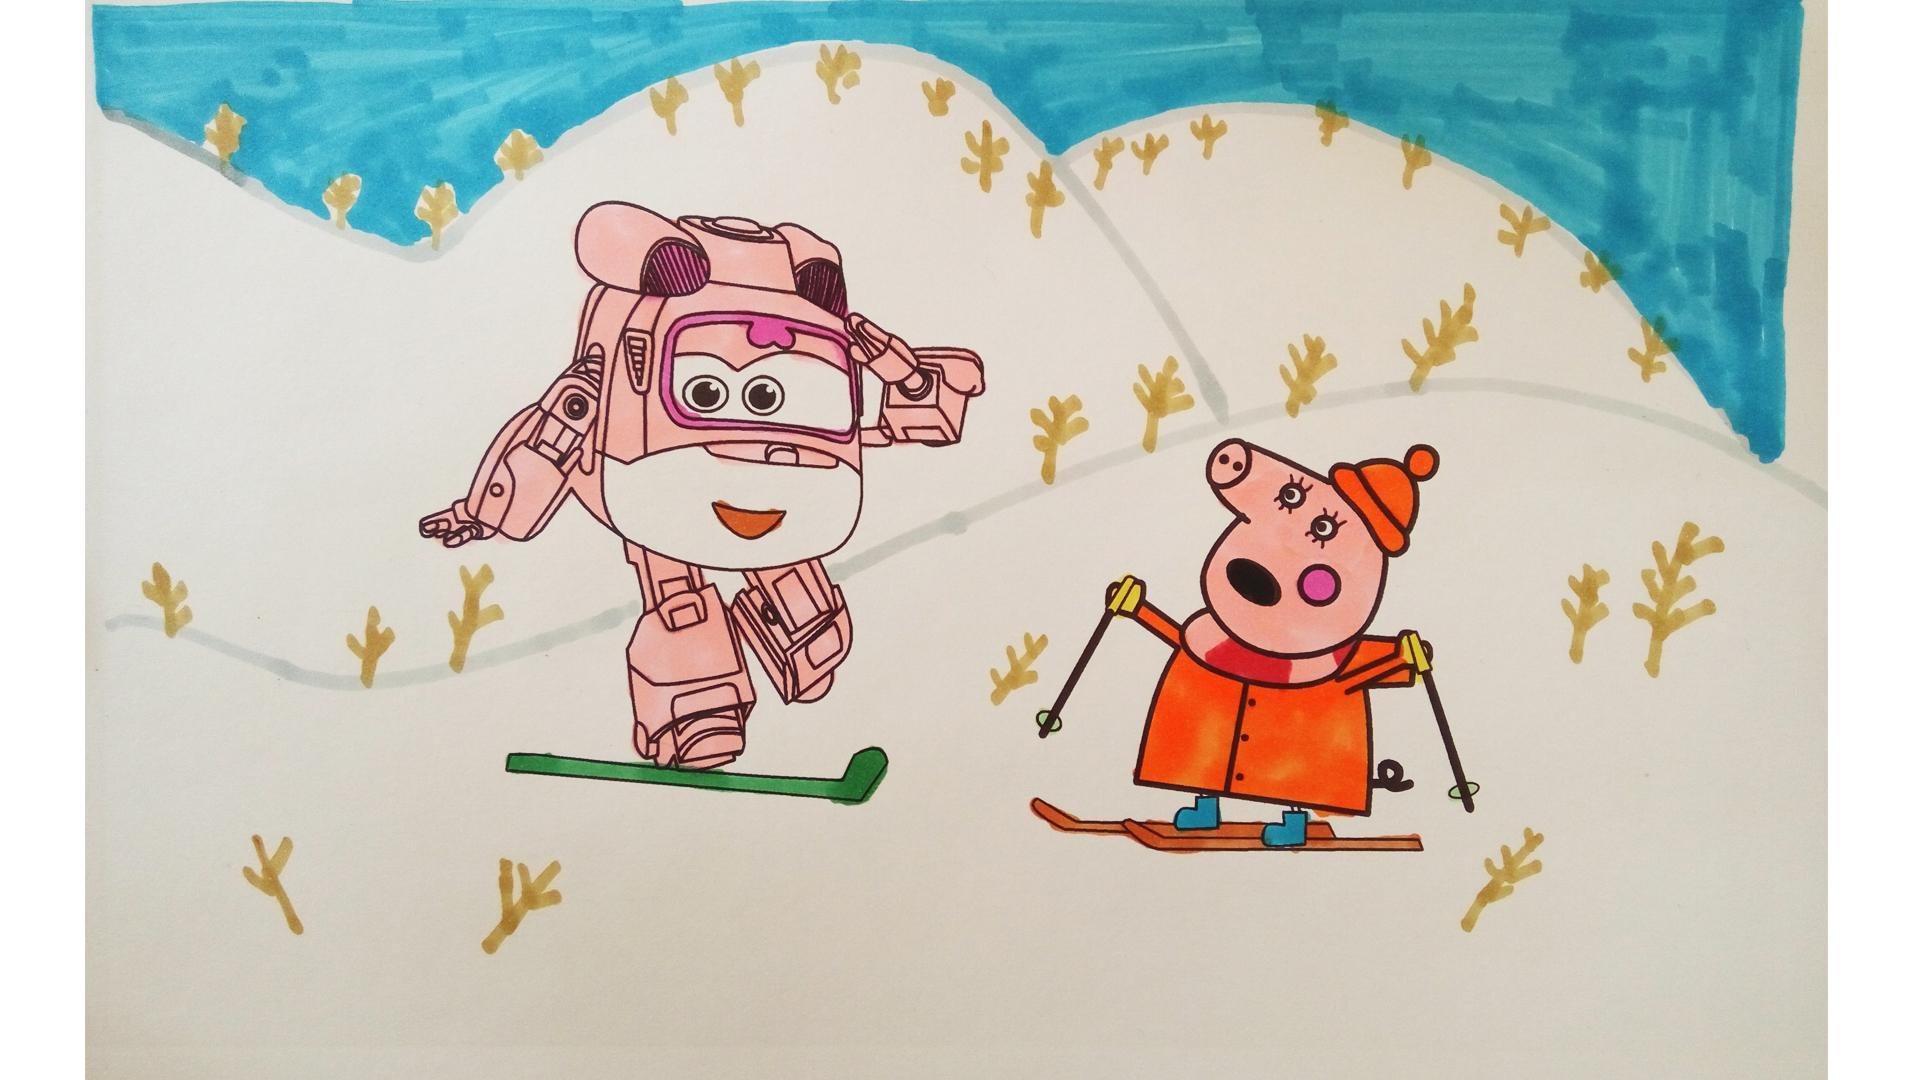 小猪佩奇-猪妈妈滑雪差点摔倒,超级飞侠小爱来救援 简笔画 涂色书-.